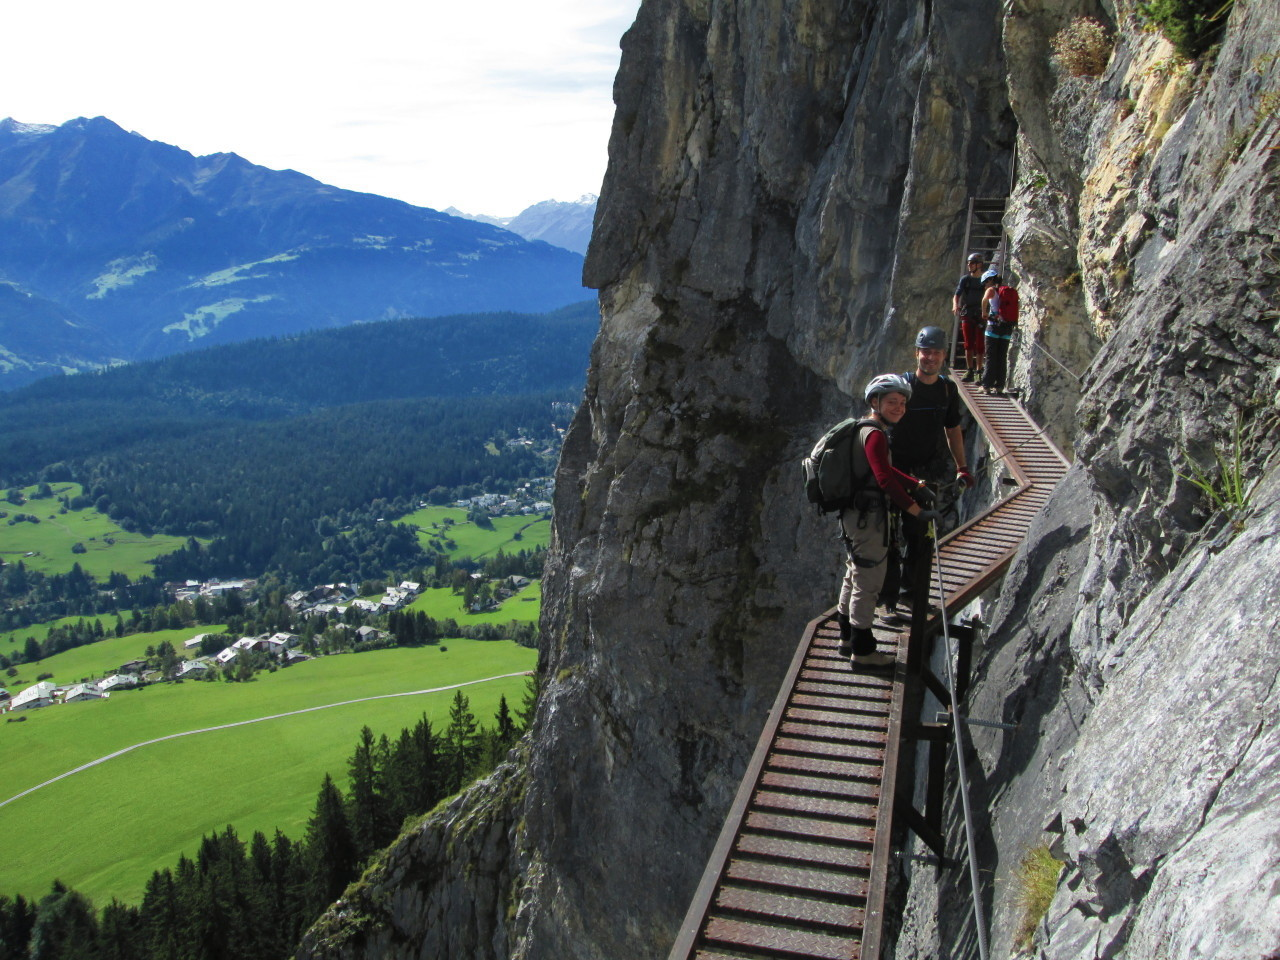 Klettersteig Pinut : Klettersteig pinut fidaz u historischer ch